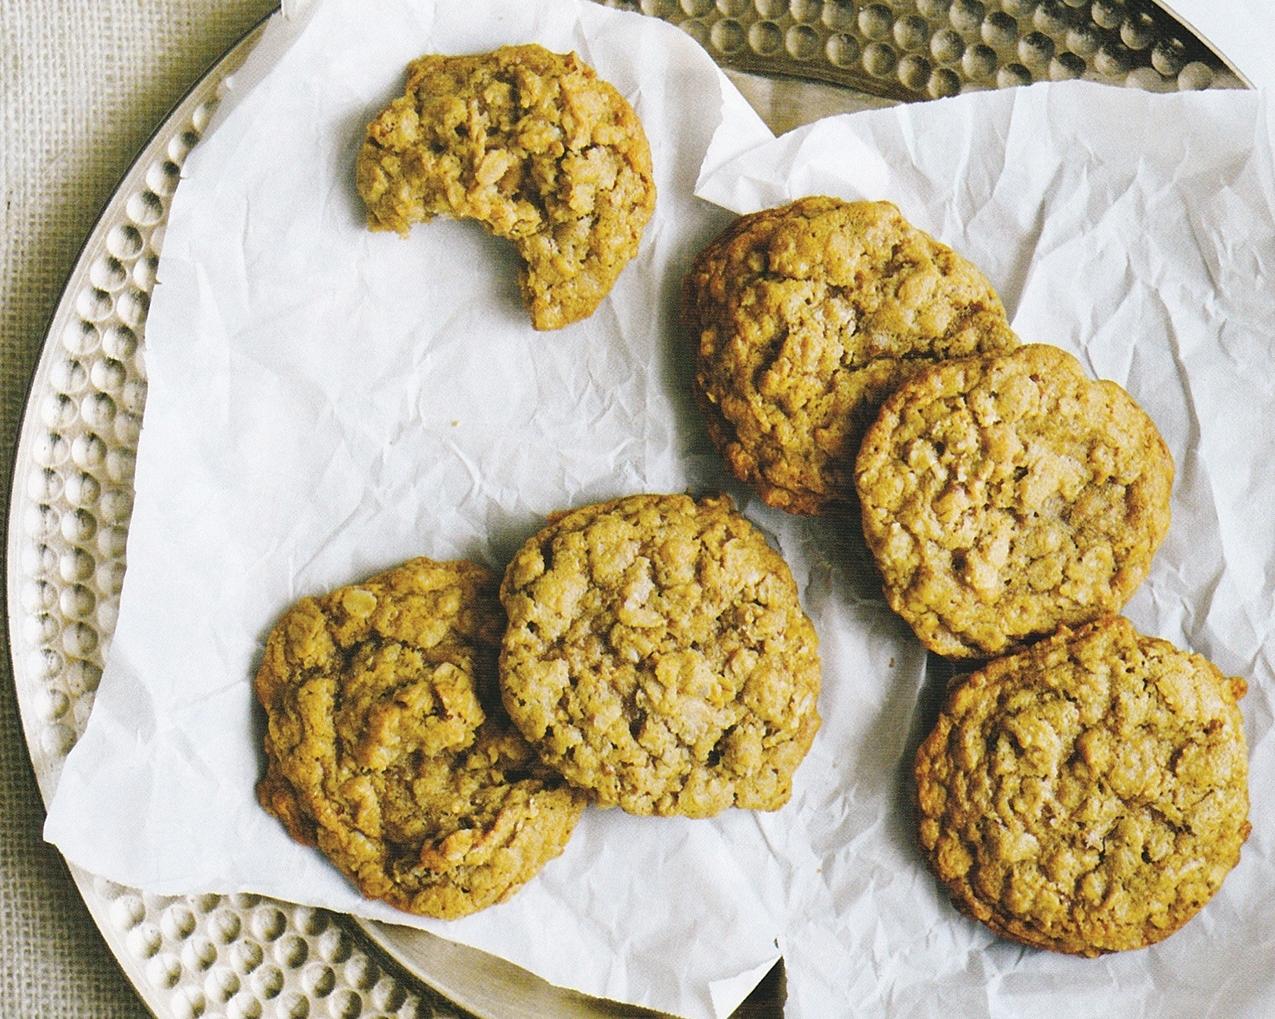 Pecan Toffee Oatmeal Cookies